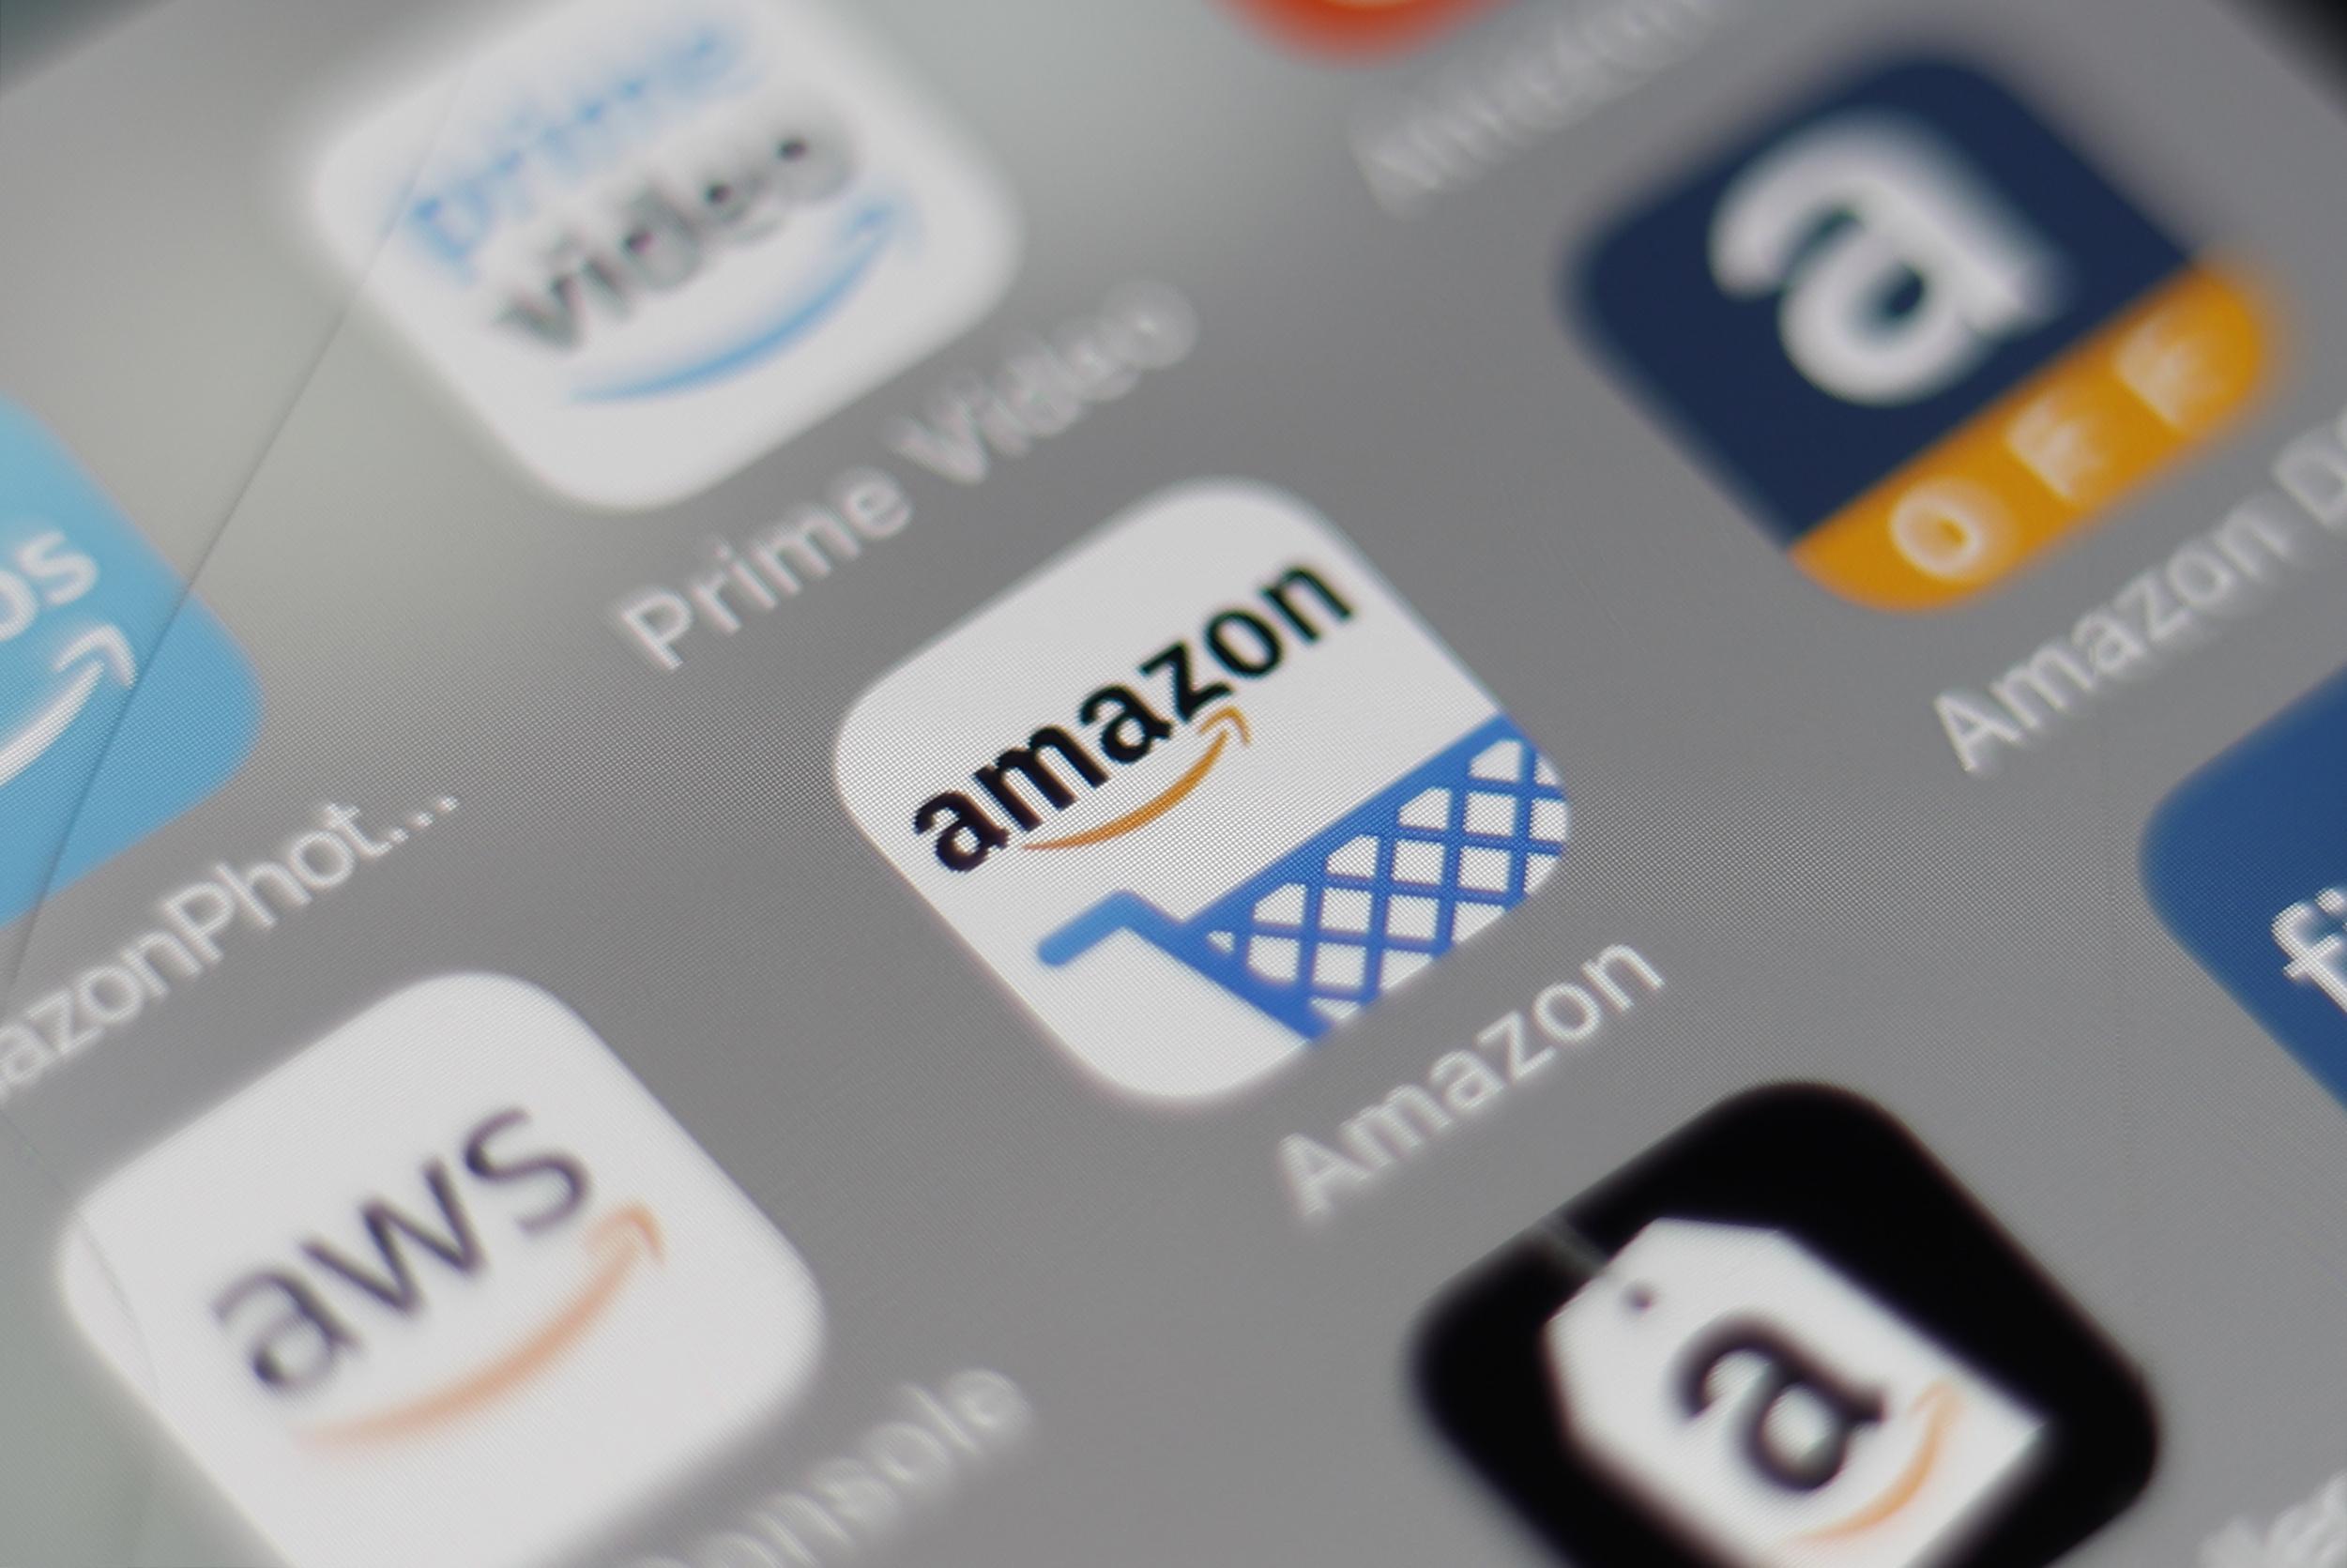 Amazon apre a Bergamo: 400 posti di lavoro disponibili